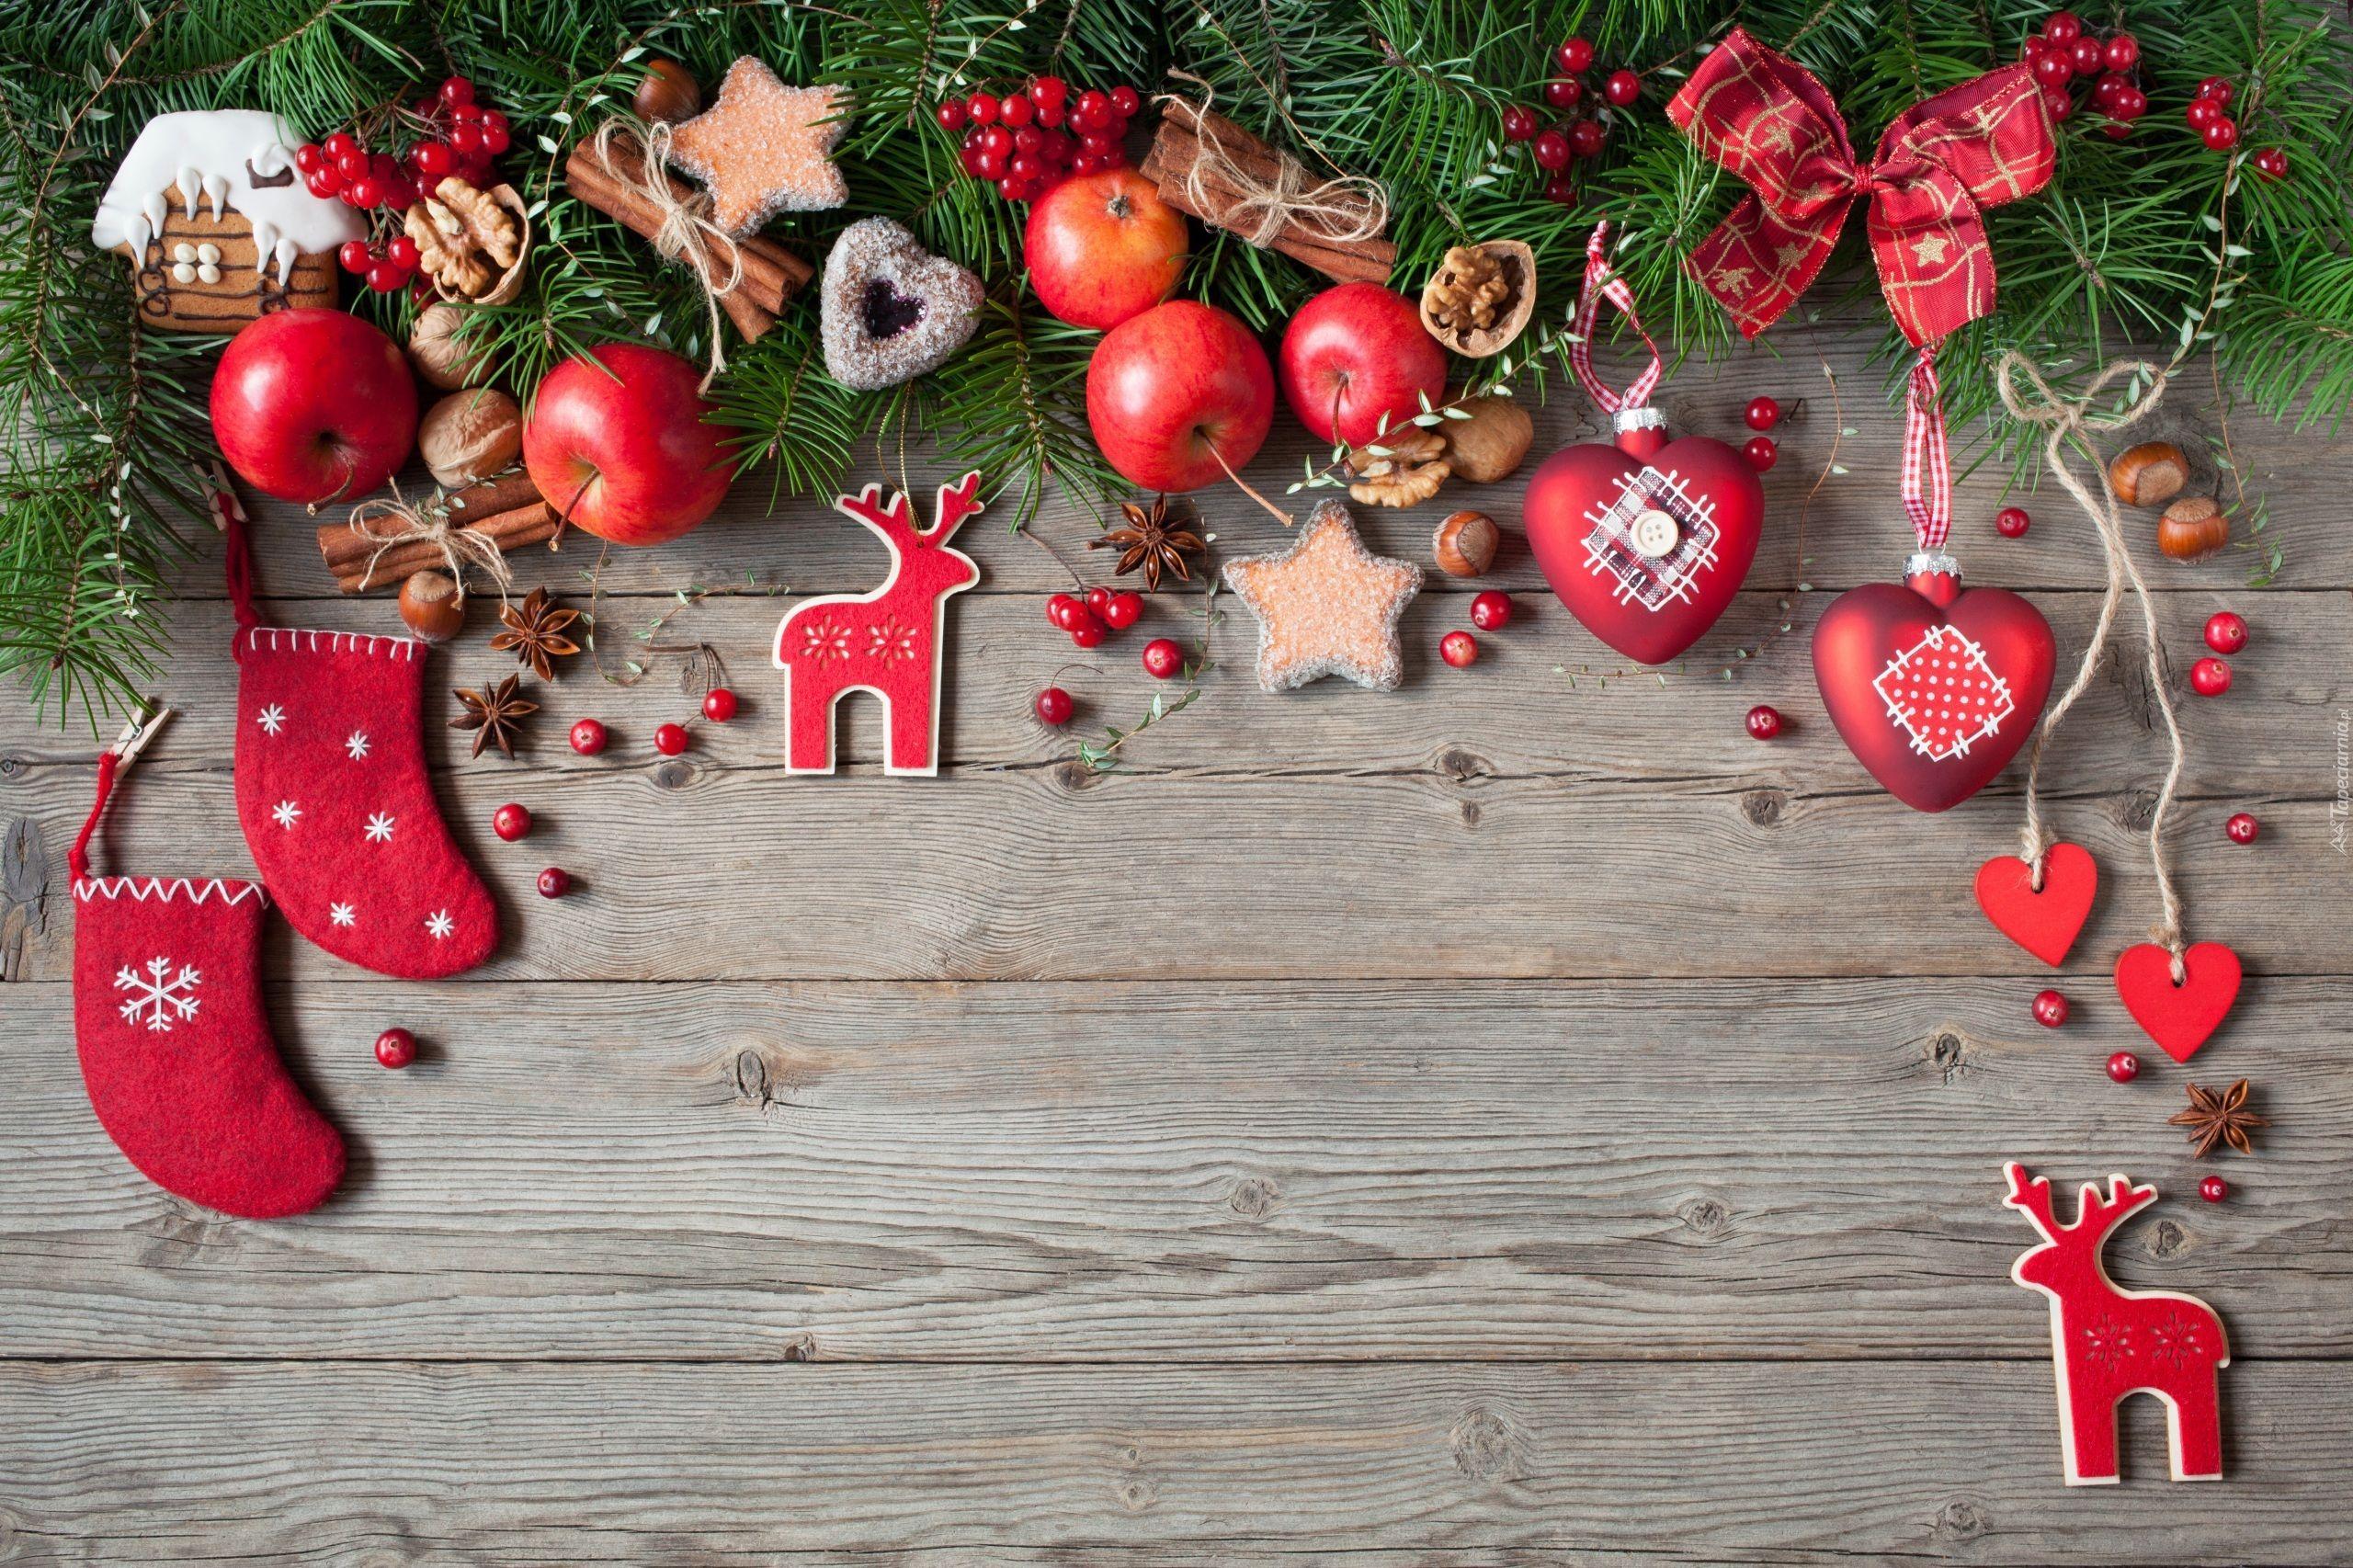 Kompozycja Dekoracje świąteczne Boże Narodzenie Gałązki